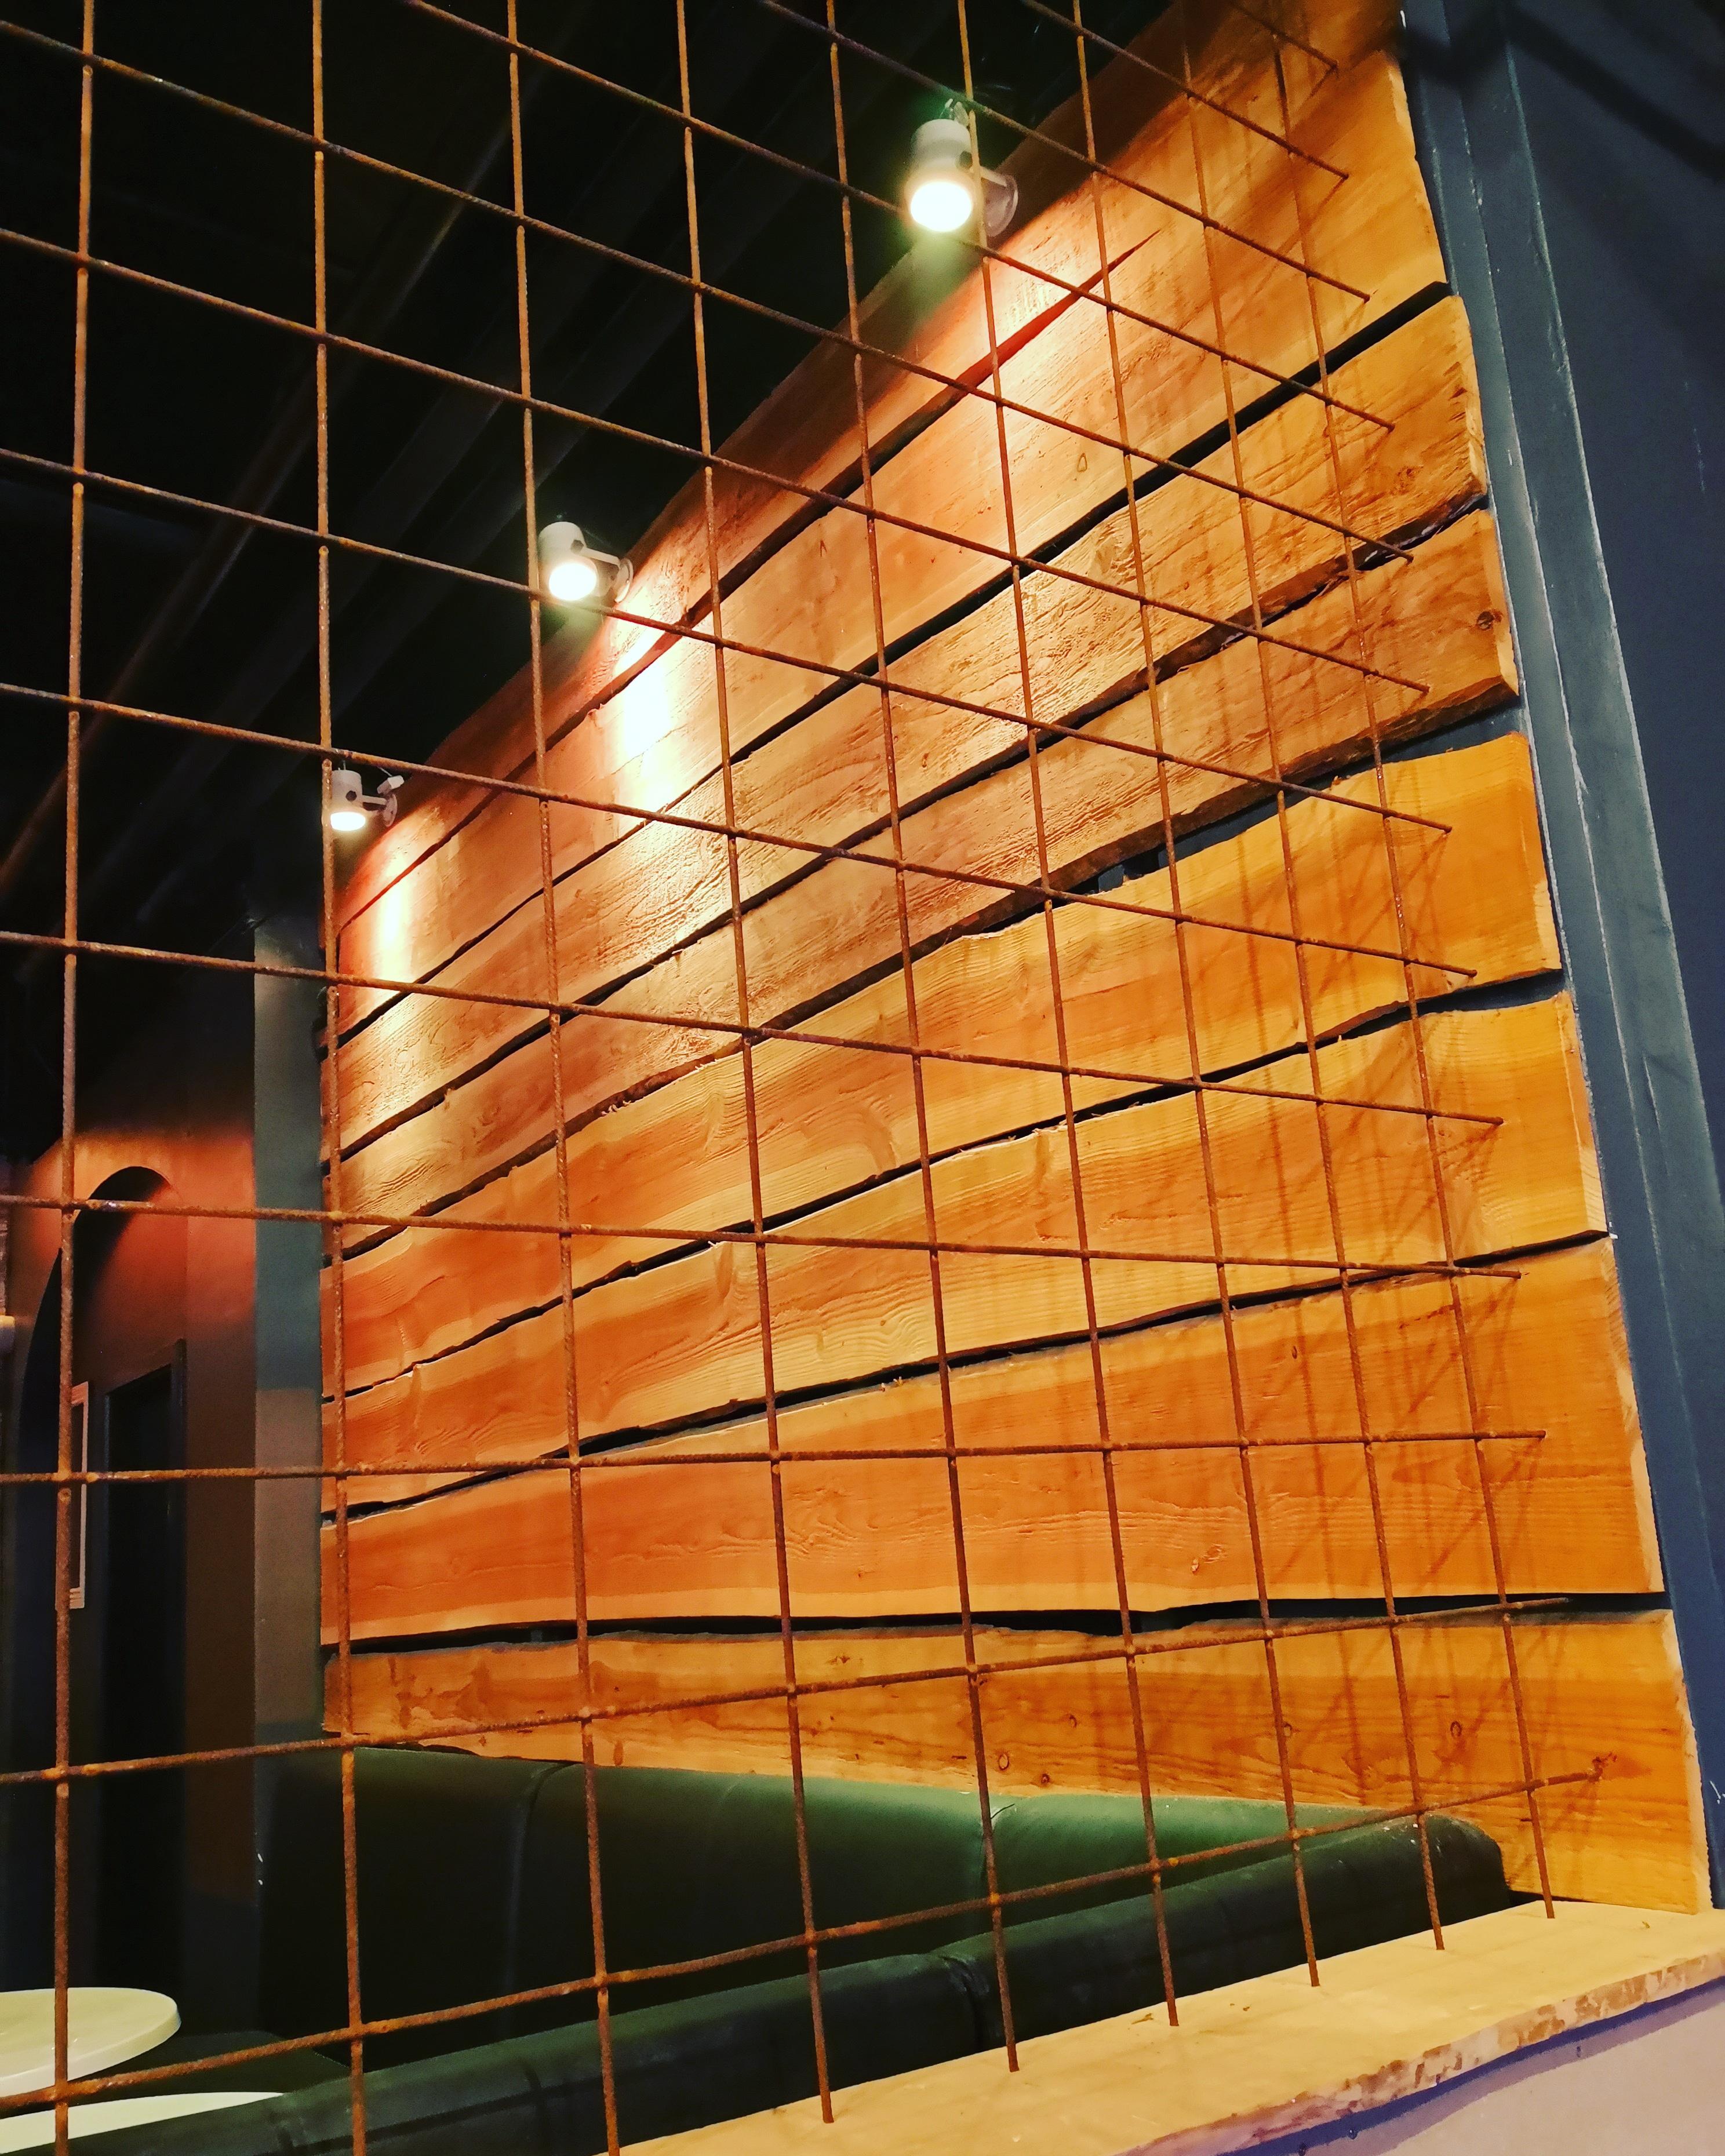 Vægdekoration træ og metal